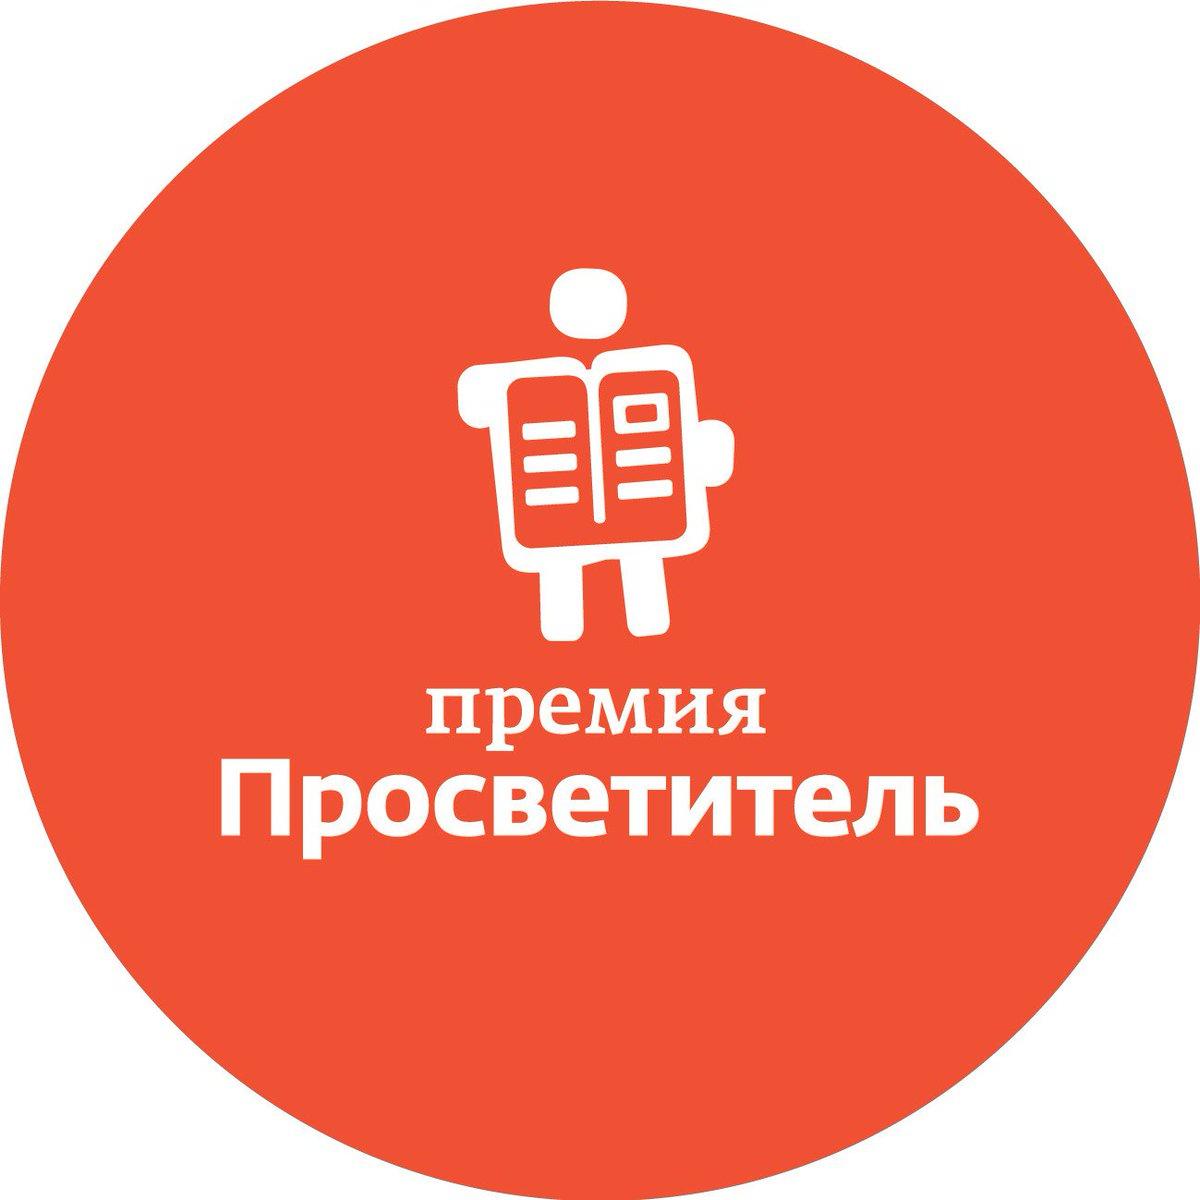 читать книги английском языке в интернете